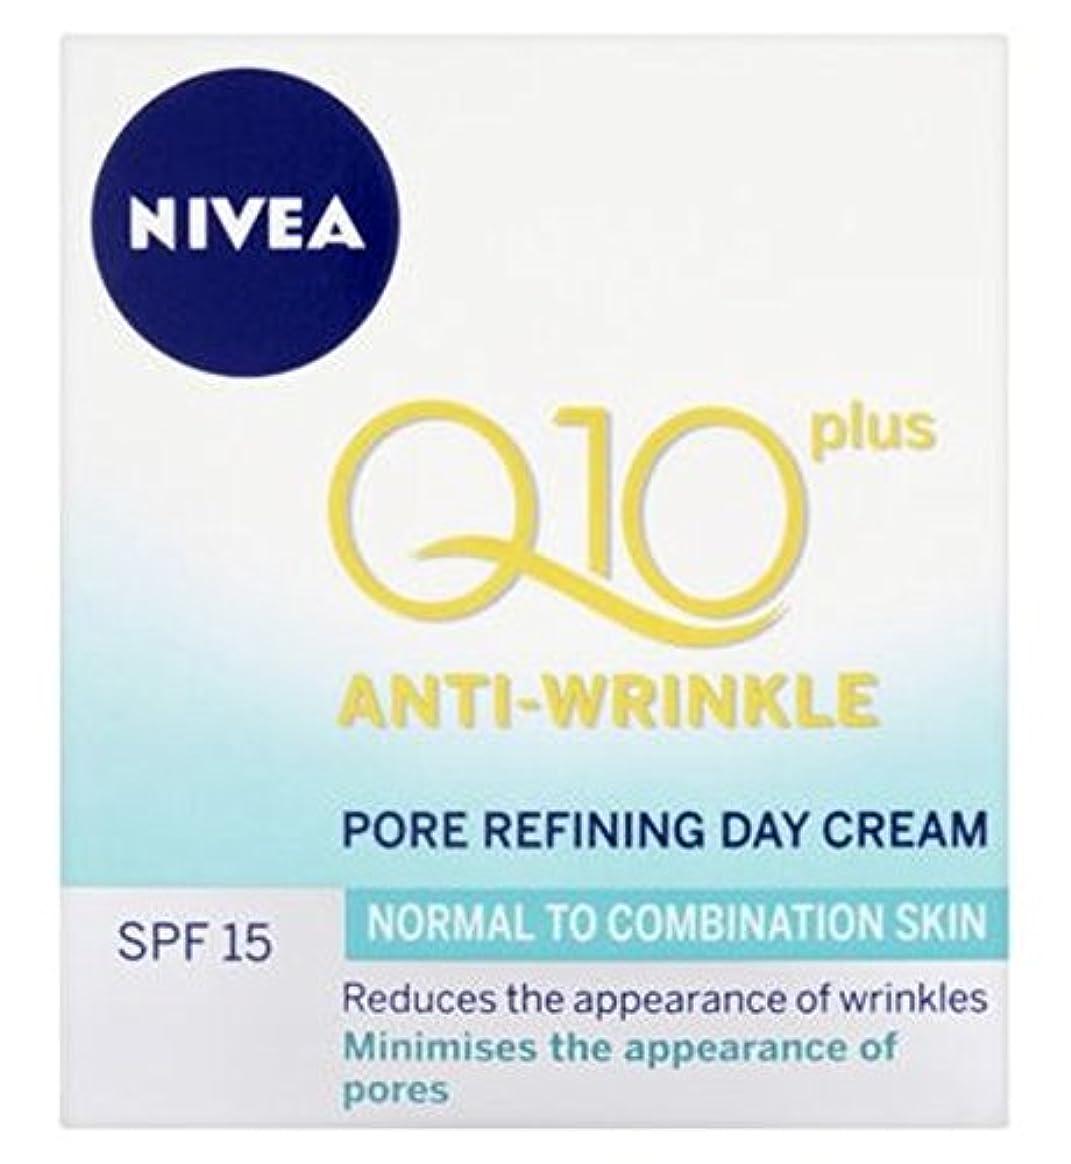 ジャグリングキノコシットコムNivea Daily Essentials Q10 Plus Anti-Wrinkle Pore Refining Day Cream For Normal to Combination Skin SPF15 50ml - 混合肌のSpf15の50ミリリットルに、通常のためのニベア生活必需品のQ10プラス抗しわポアリファイニングデイクリーム (Nivea) [並行輸入品]